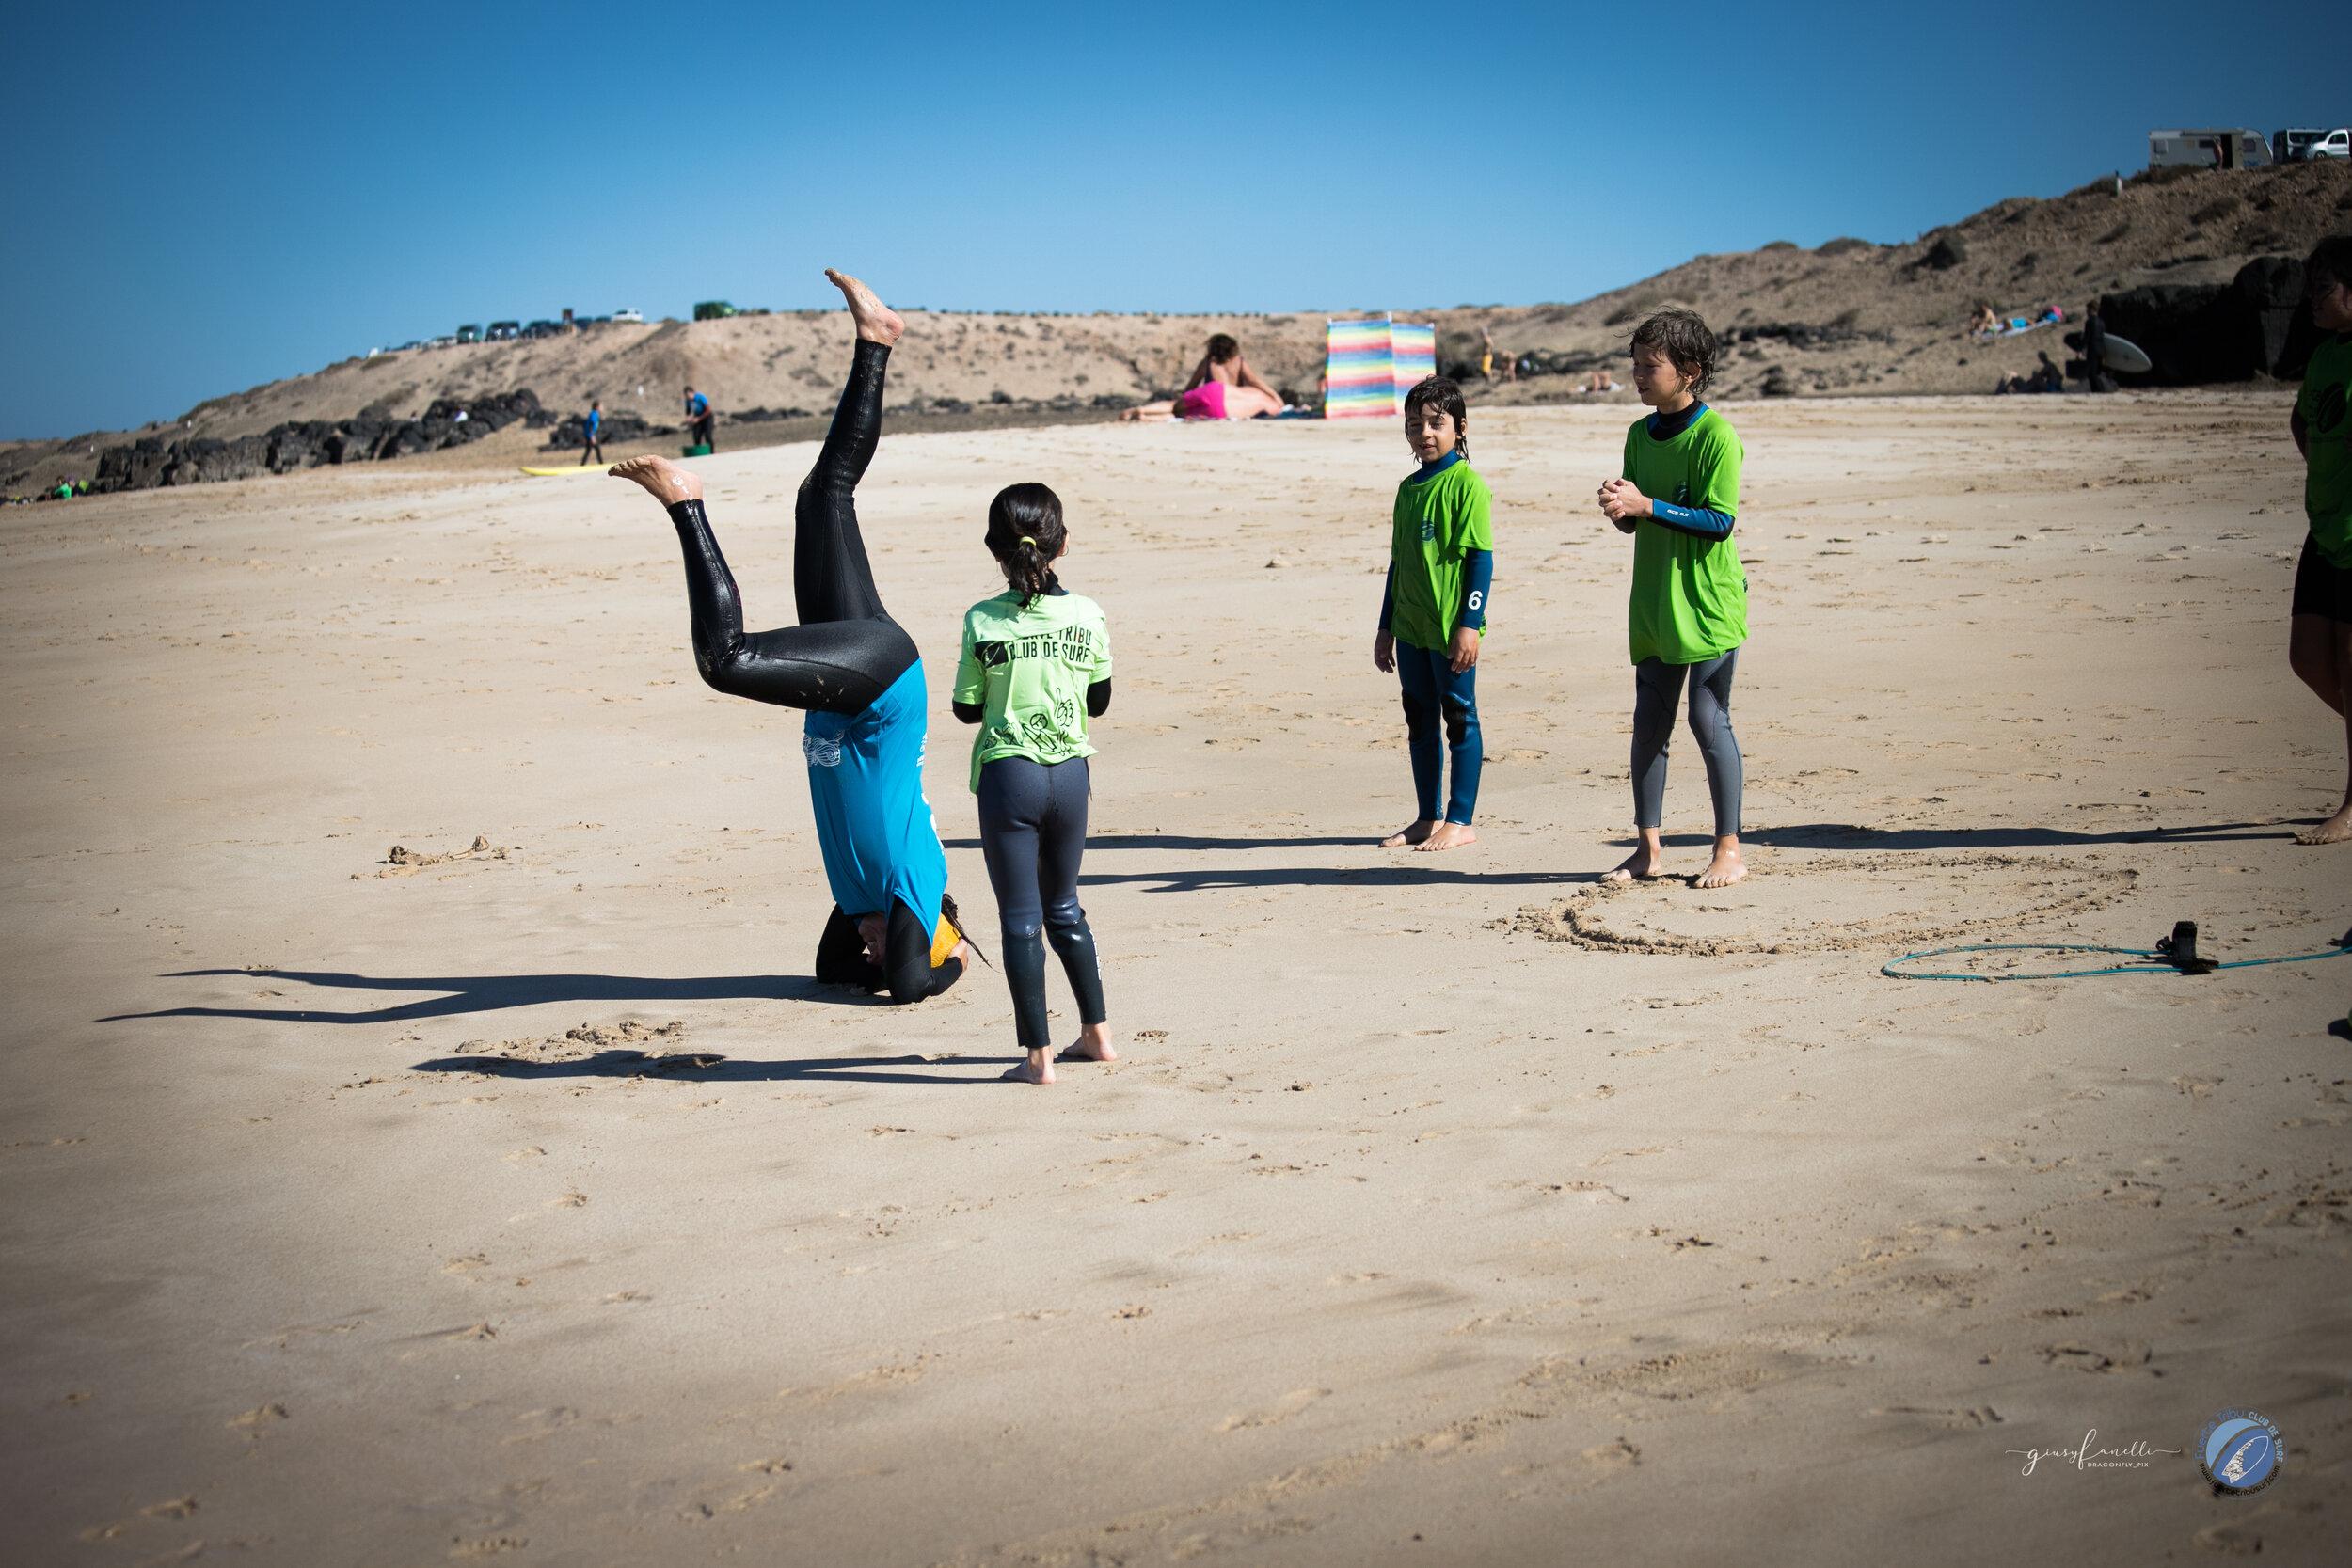 FuerteTribu_surfcamp_navidad_surfkids_surfadaptado_surfskate-4907.jpg